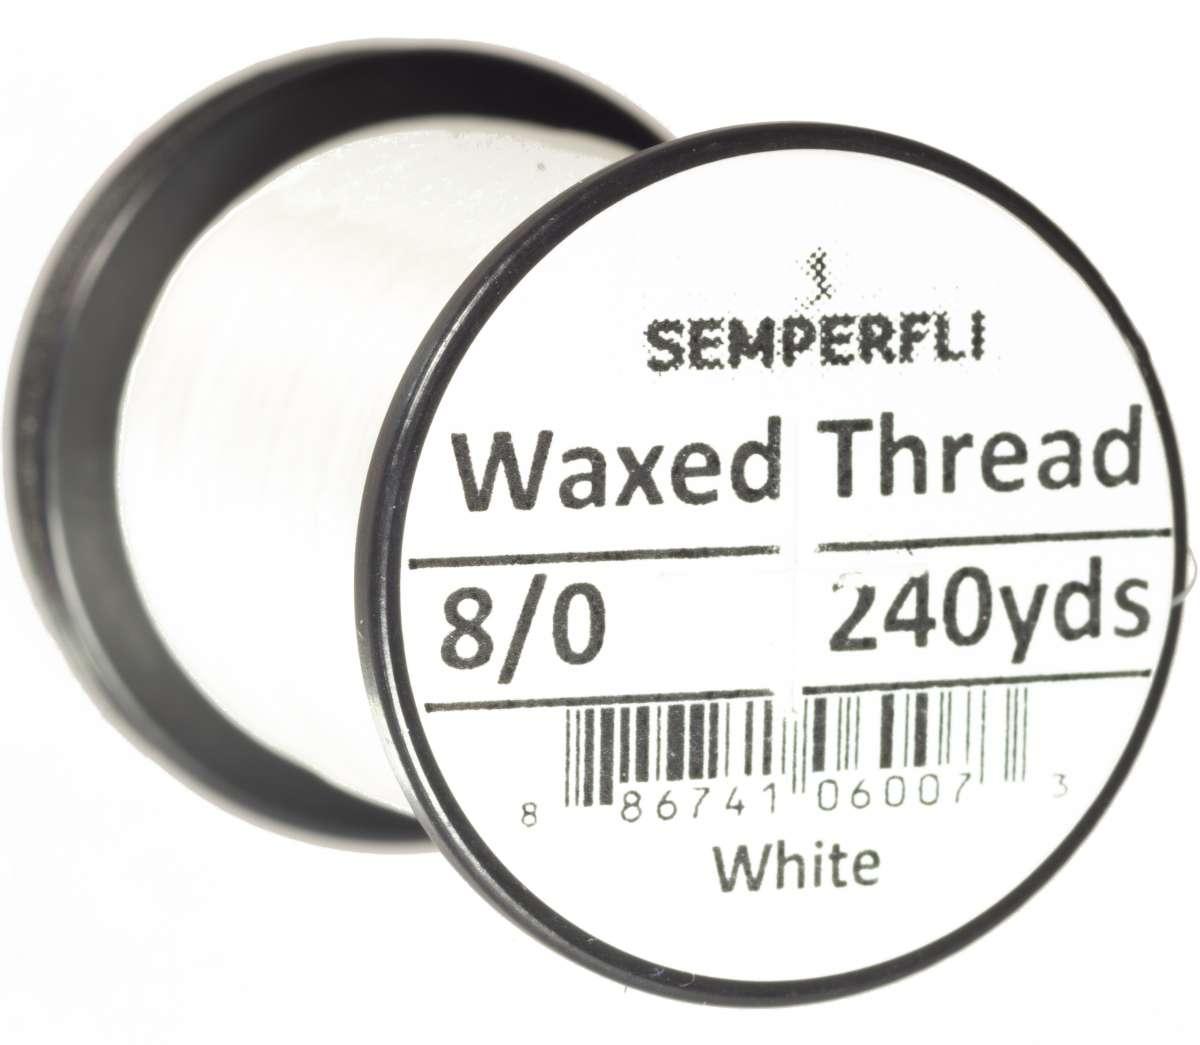 8/0 Classic Waxed Thread White Sem-0400-1200